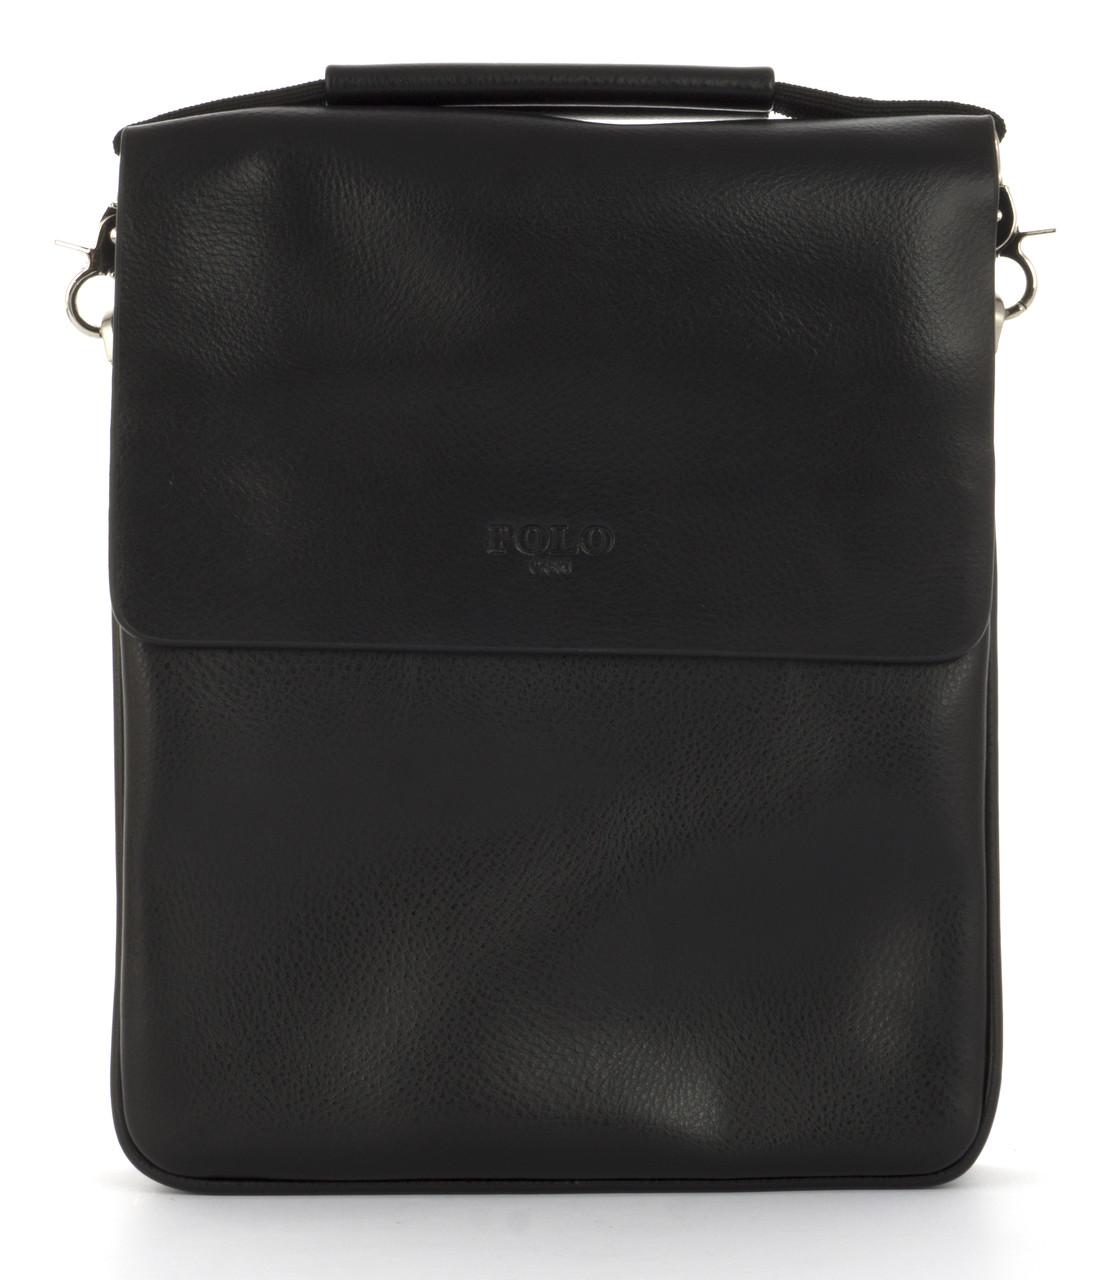 Удобная прочная вместительная мужская сумка с качественной эко кожи POLO art. 3389-3